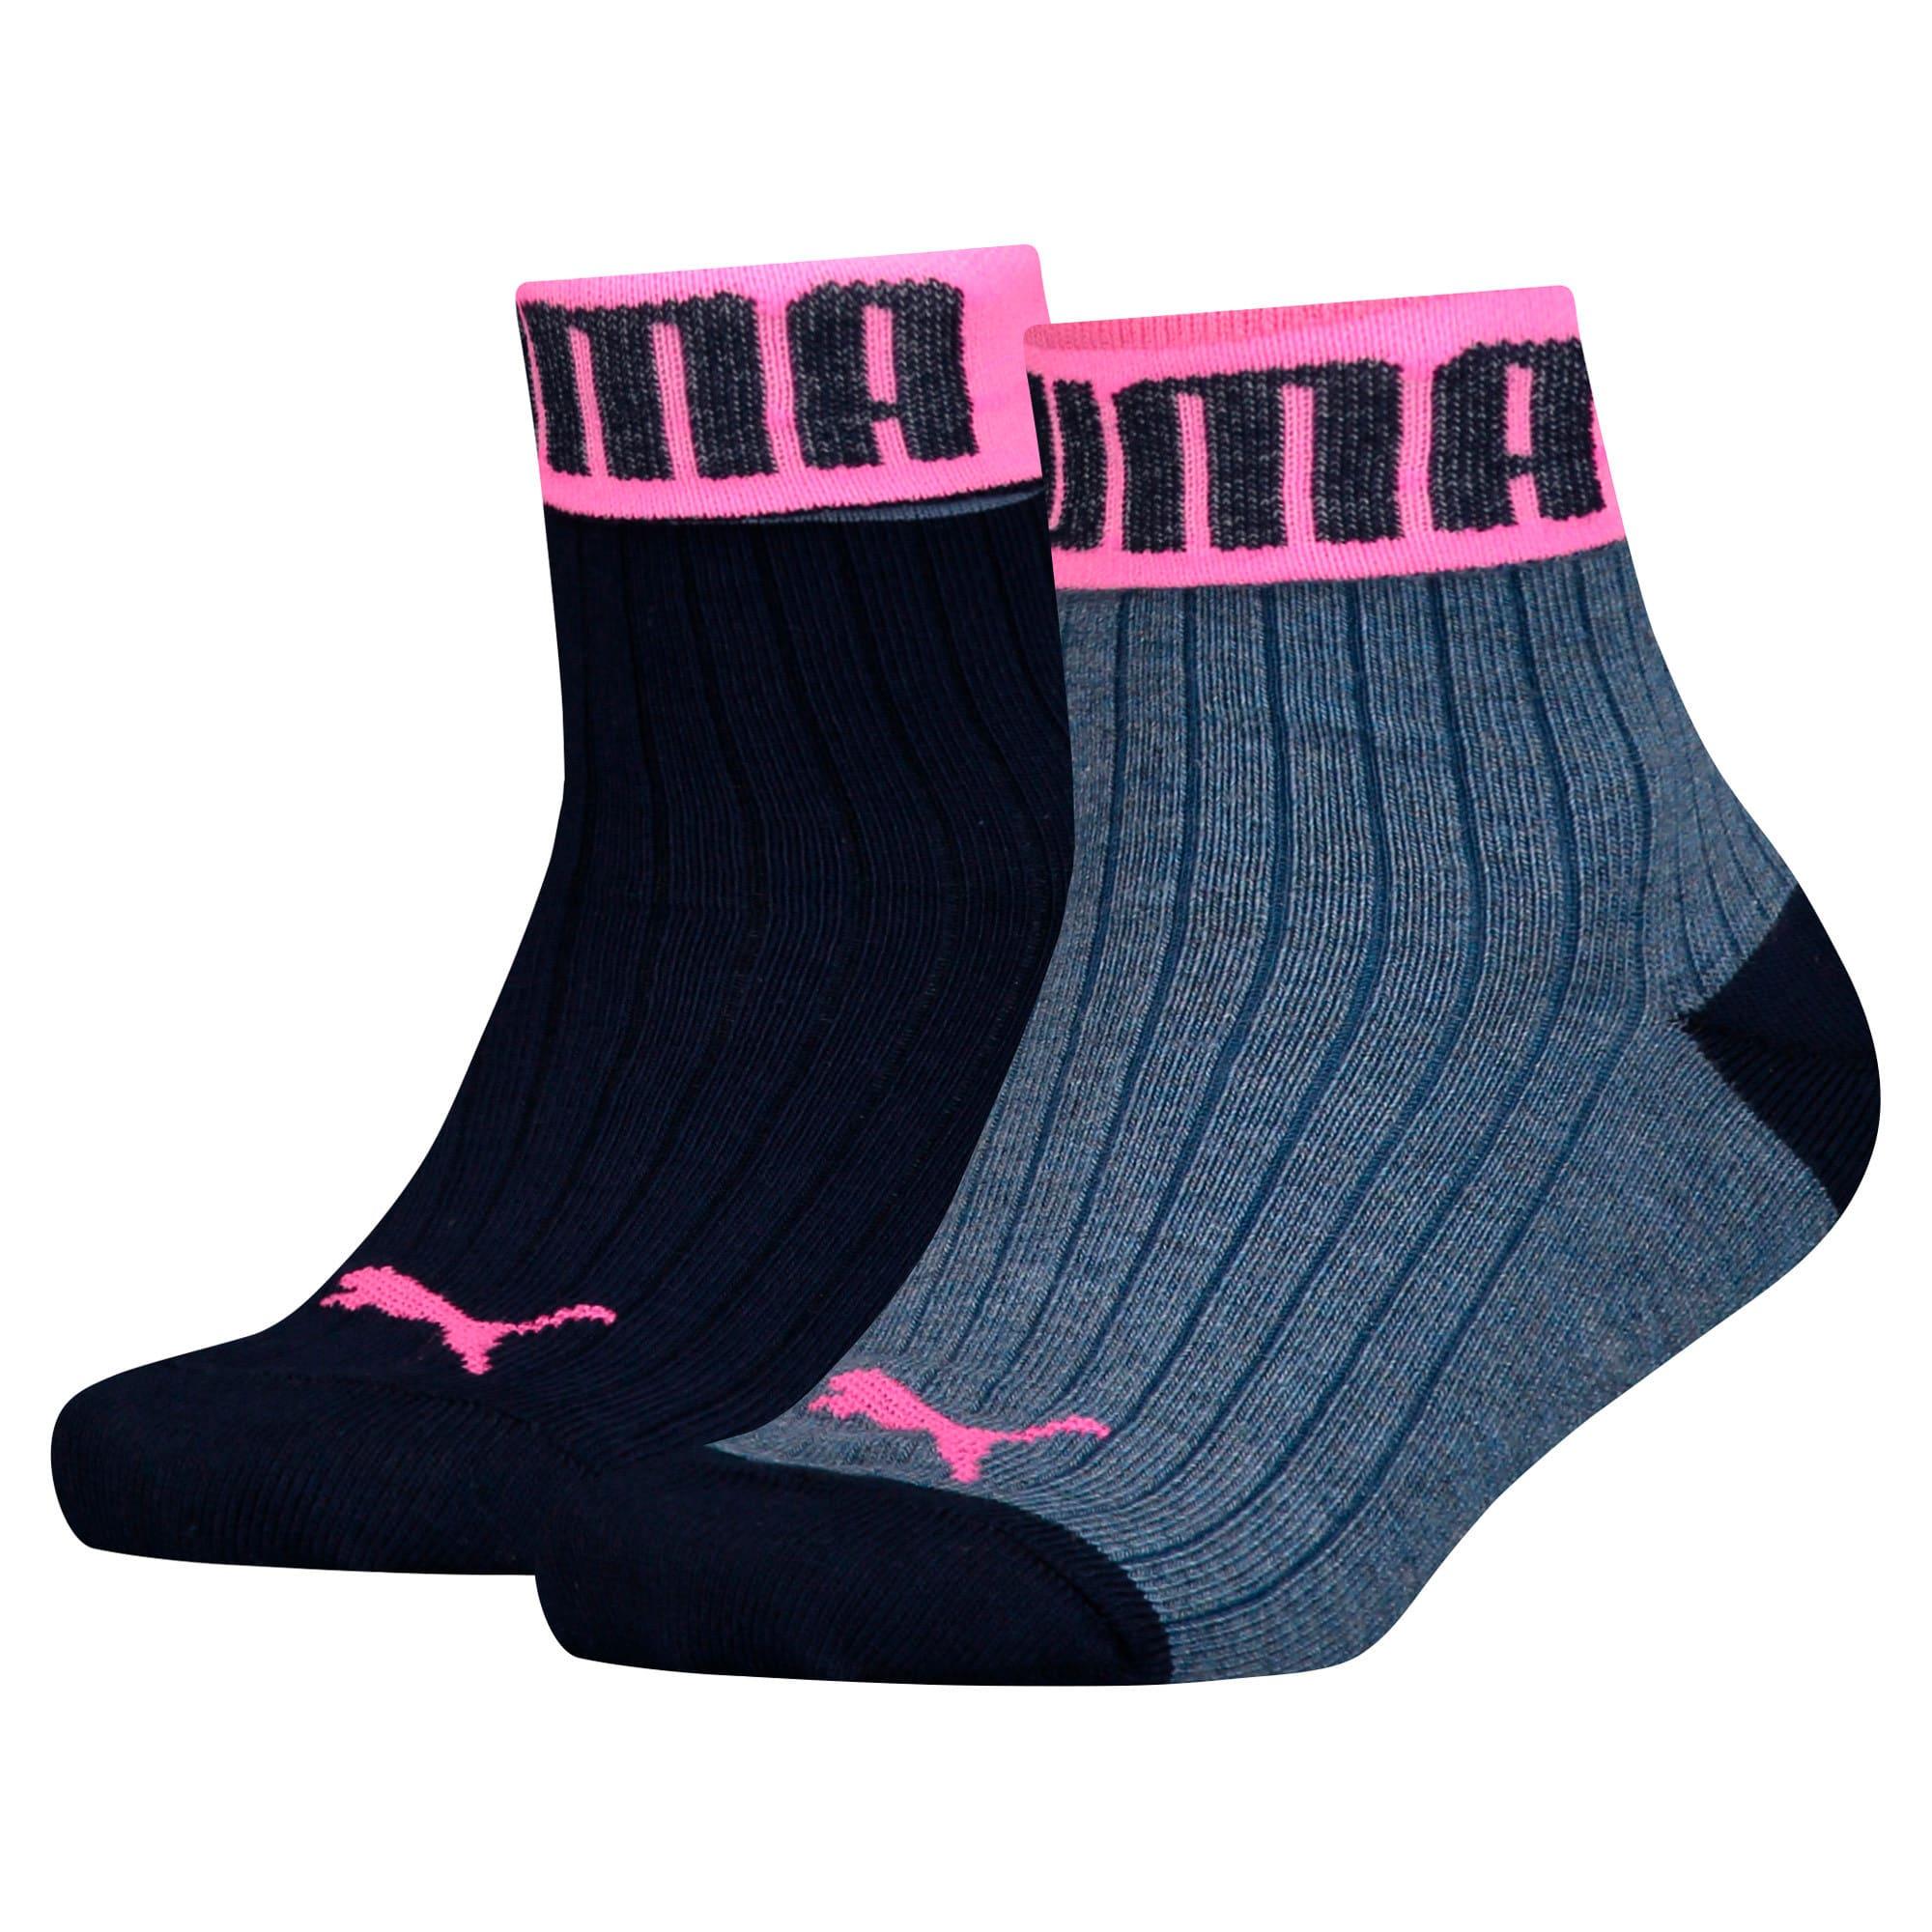 Thumbnail 1 of Girls' Socks 2 Pack, girls denim, medium